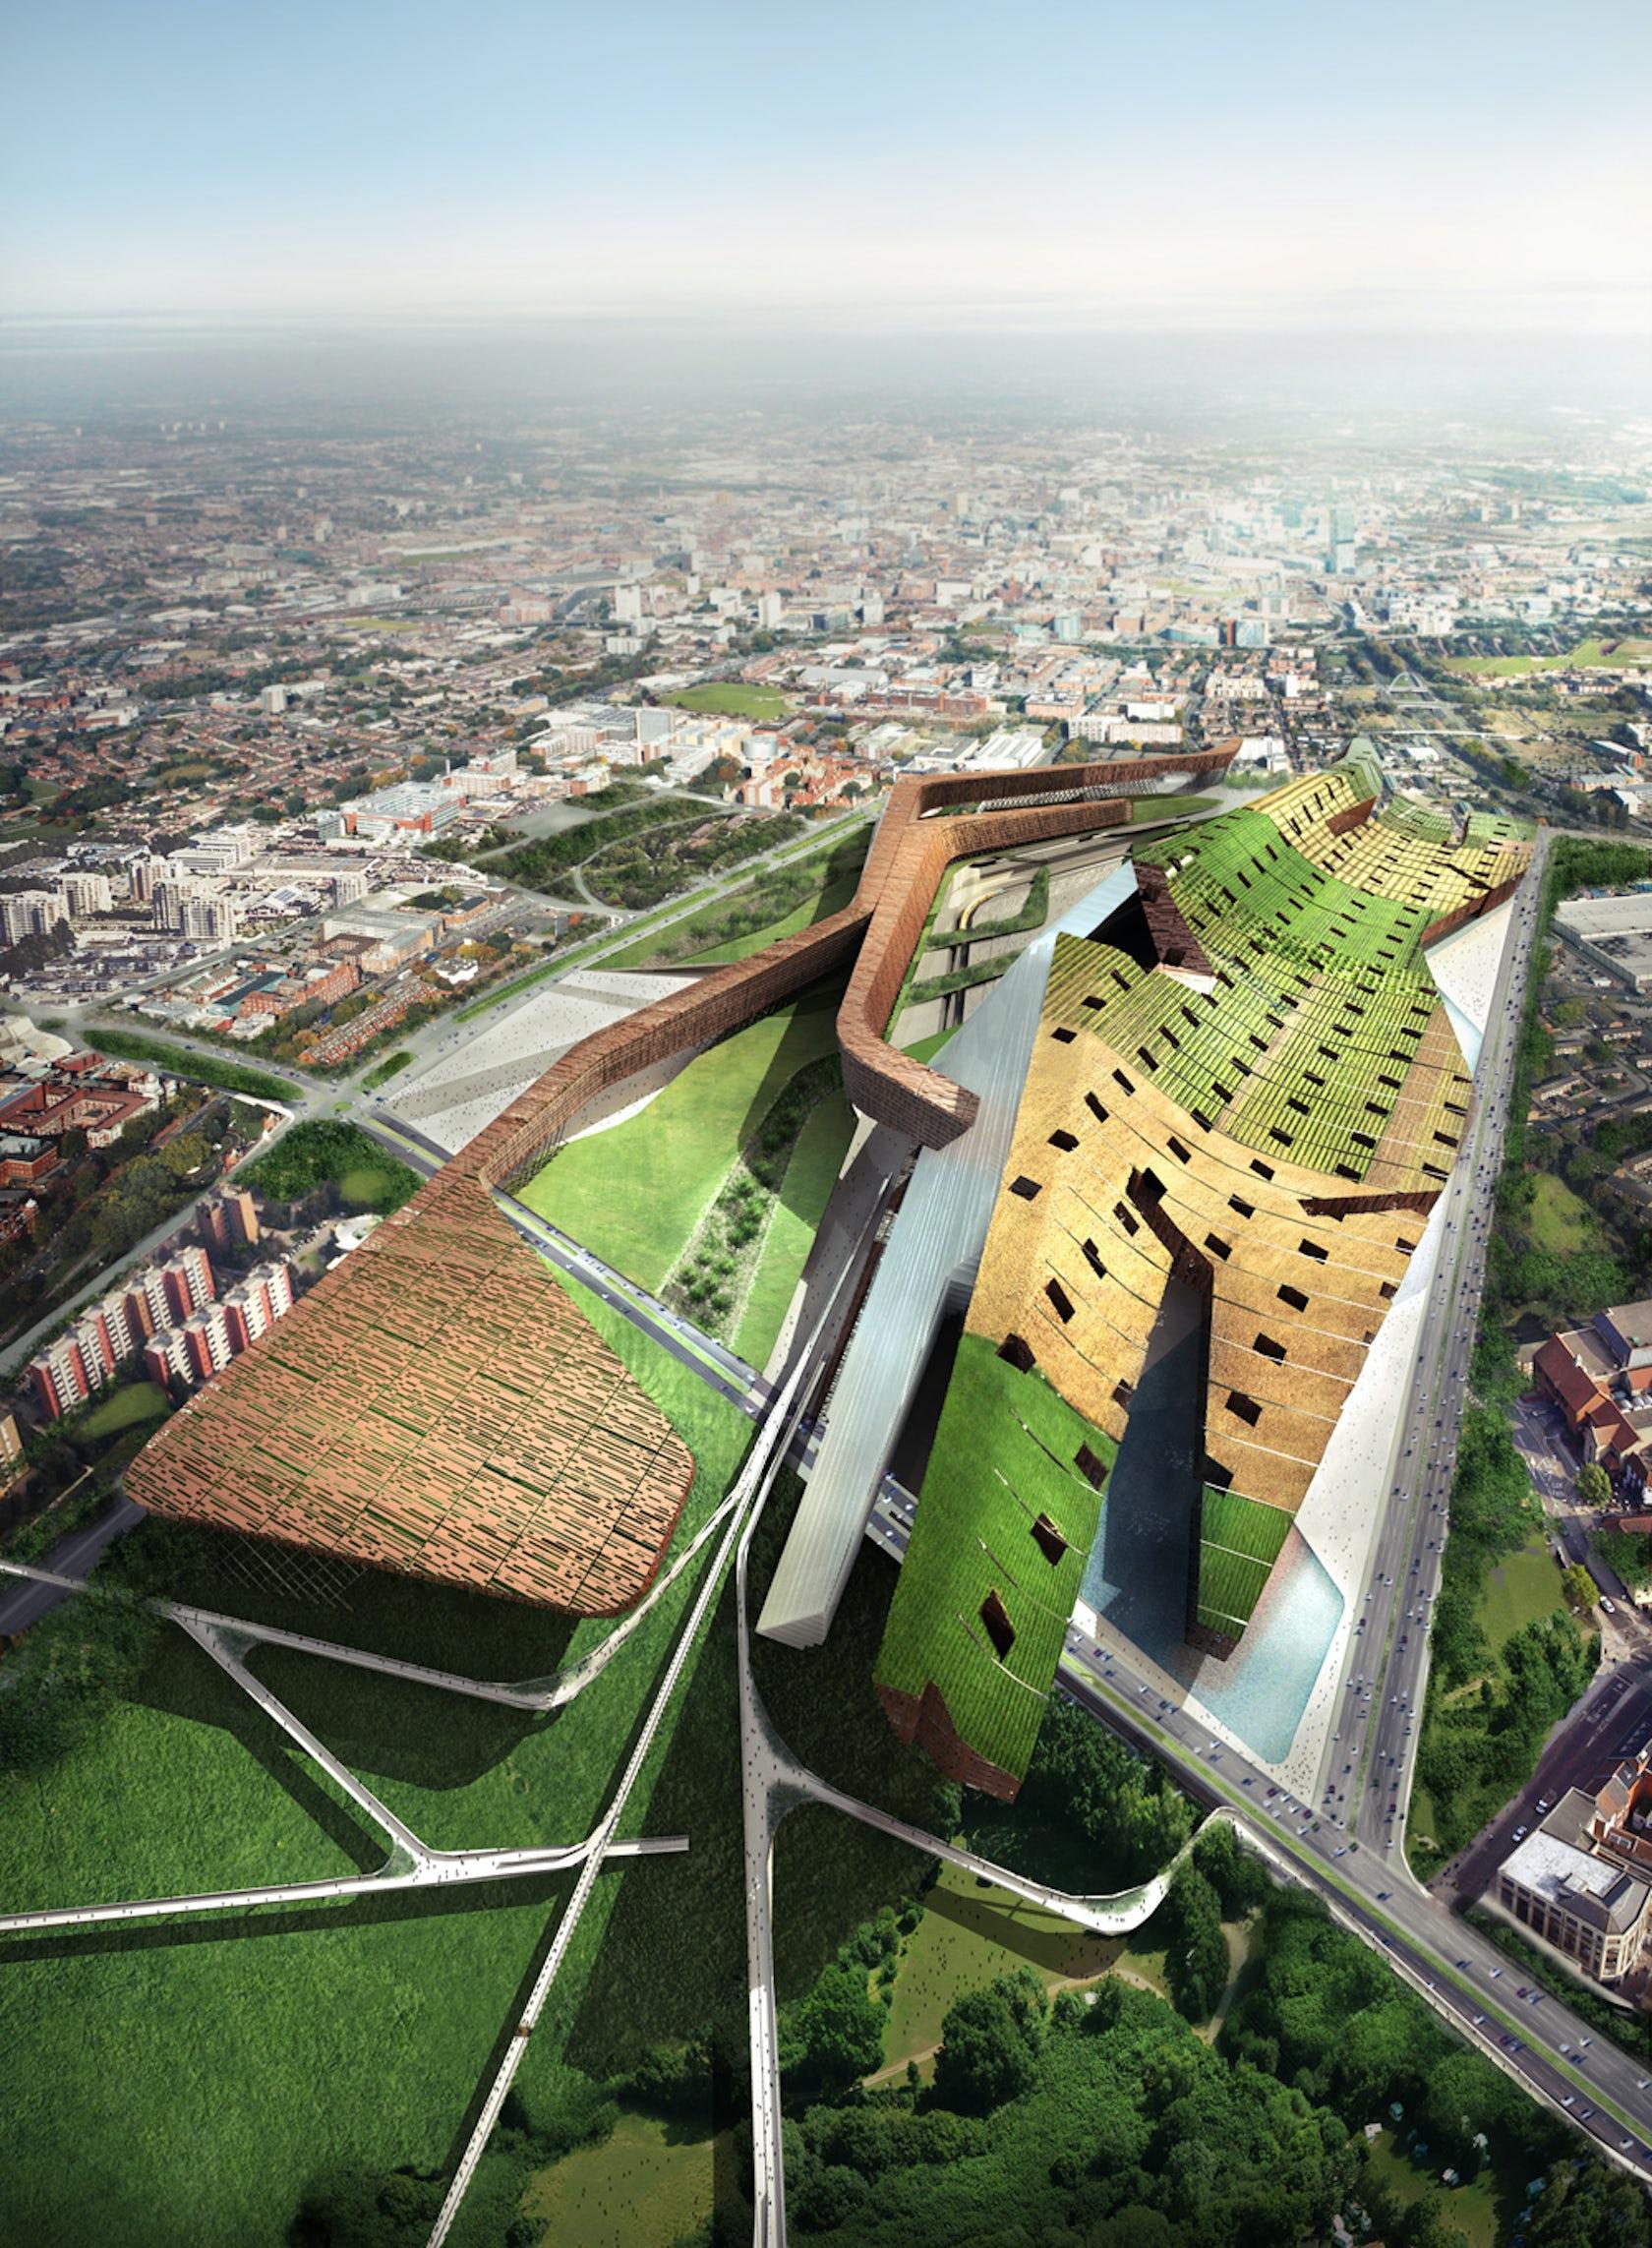 Milano Stadt Krone 2030 Architizer